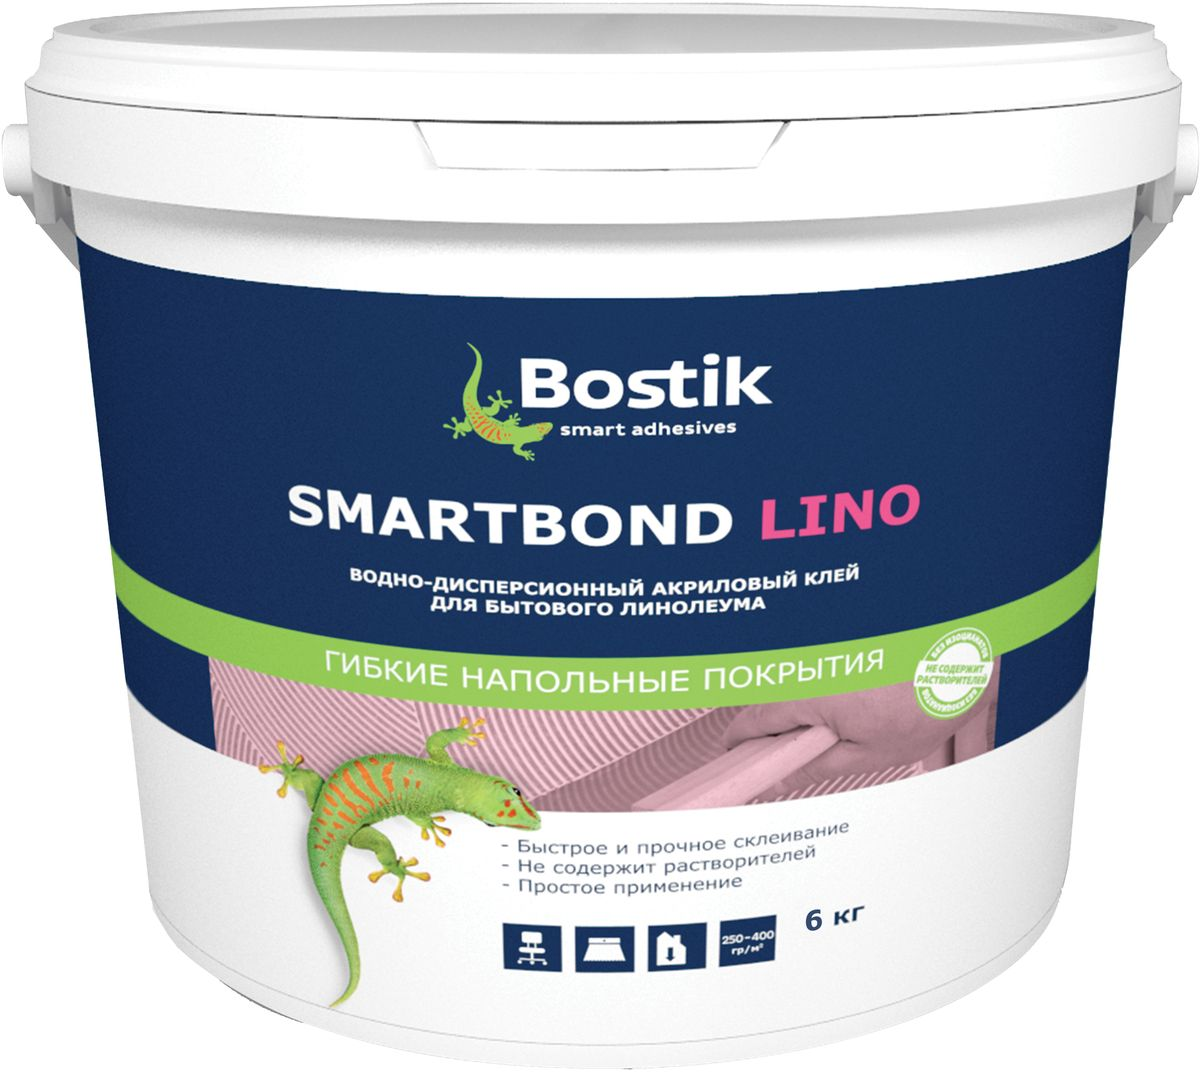 Клей для бытового линолеума Bostik  Smartbond Lino , 6 кг - Бытовая химия